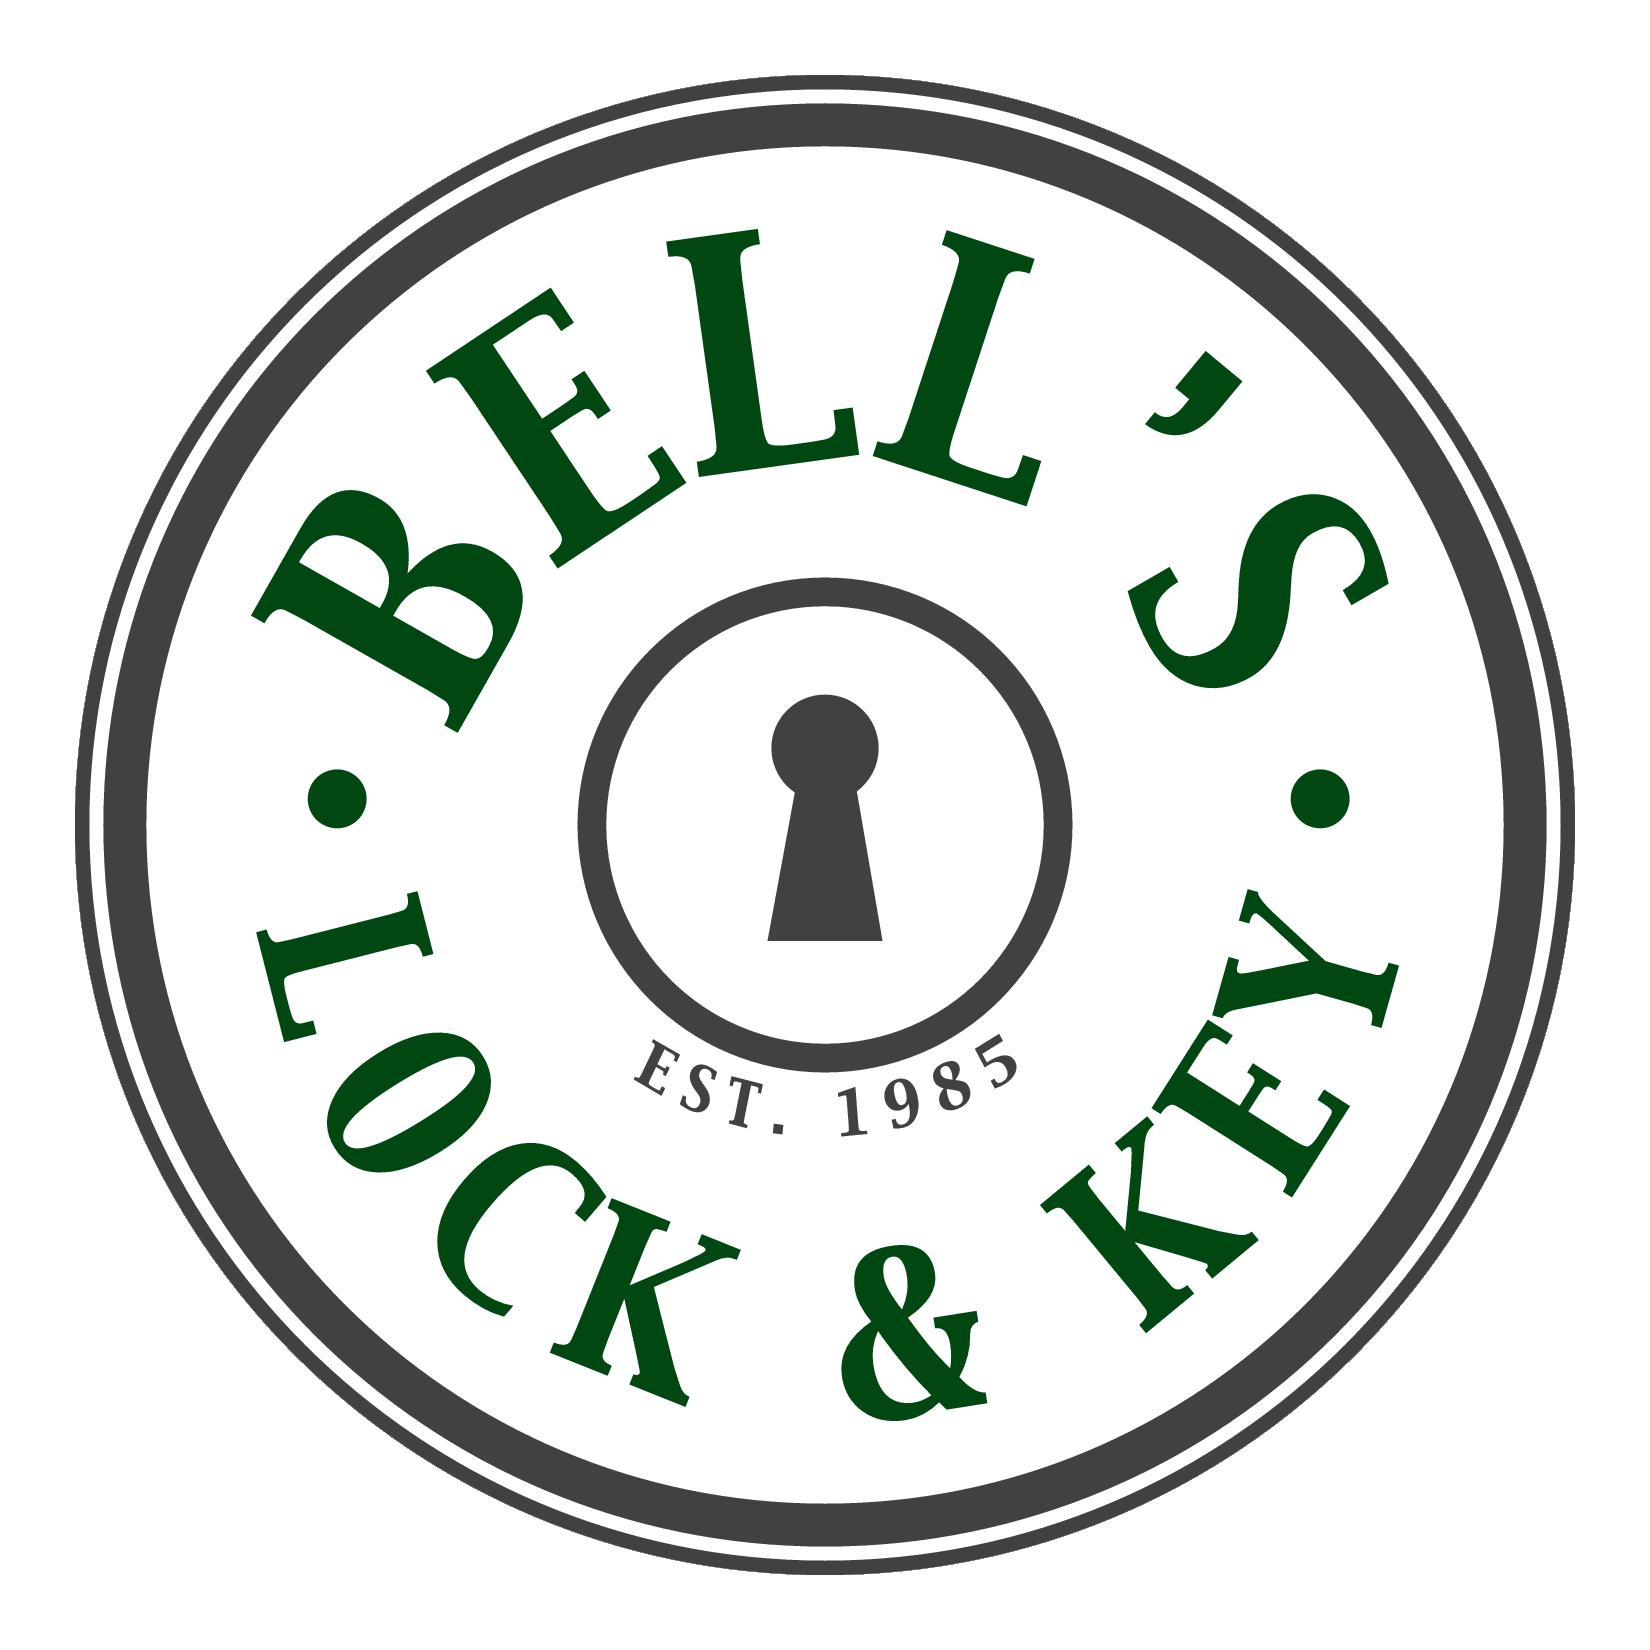 bellslock.com